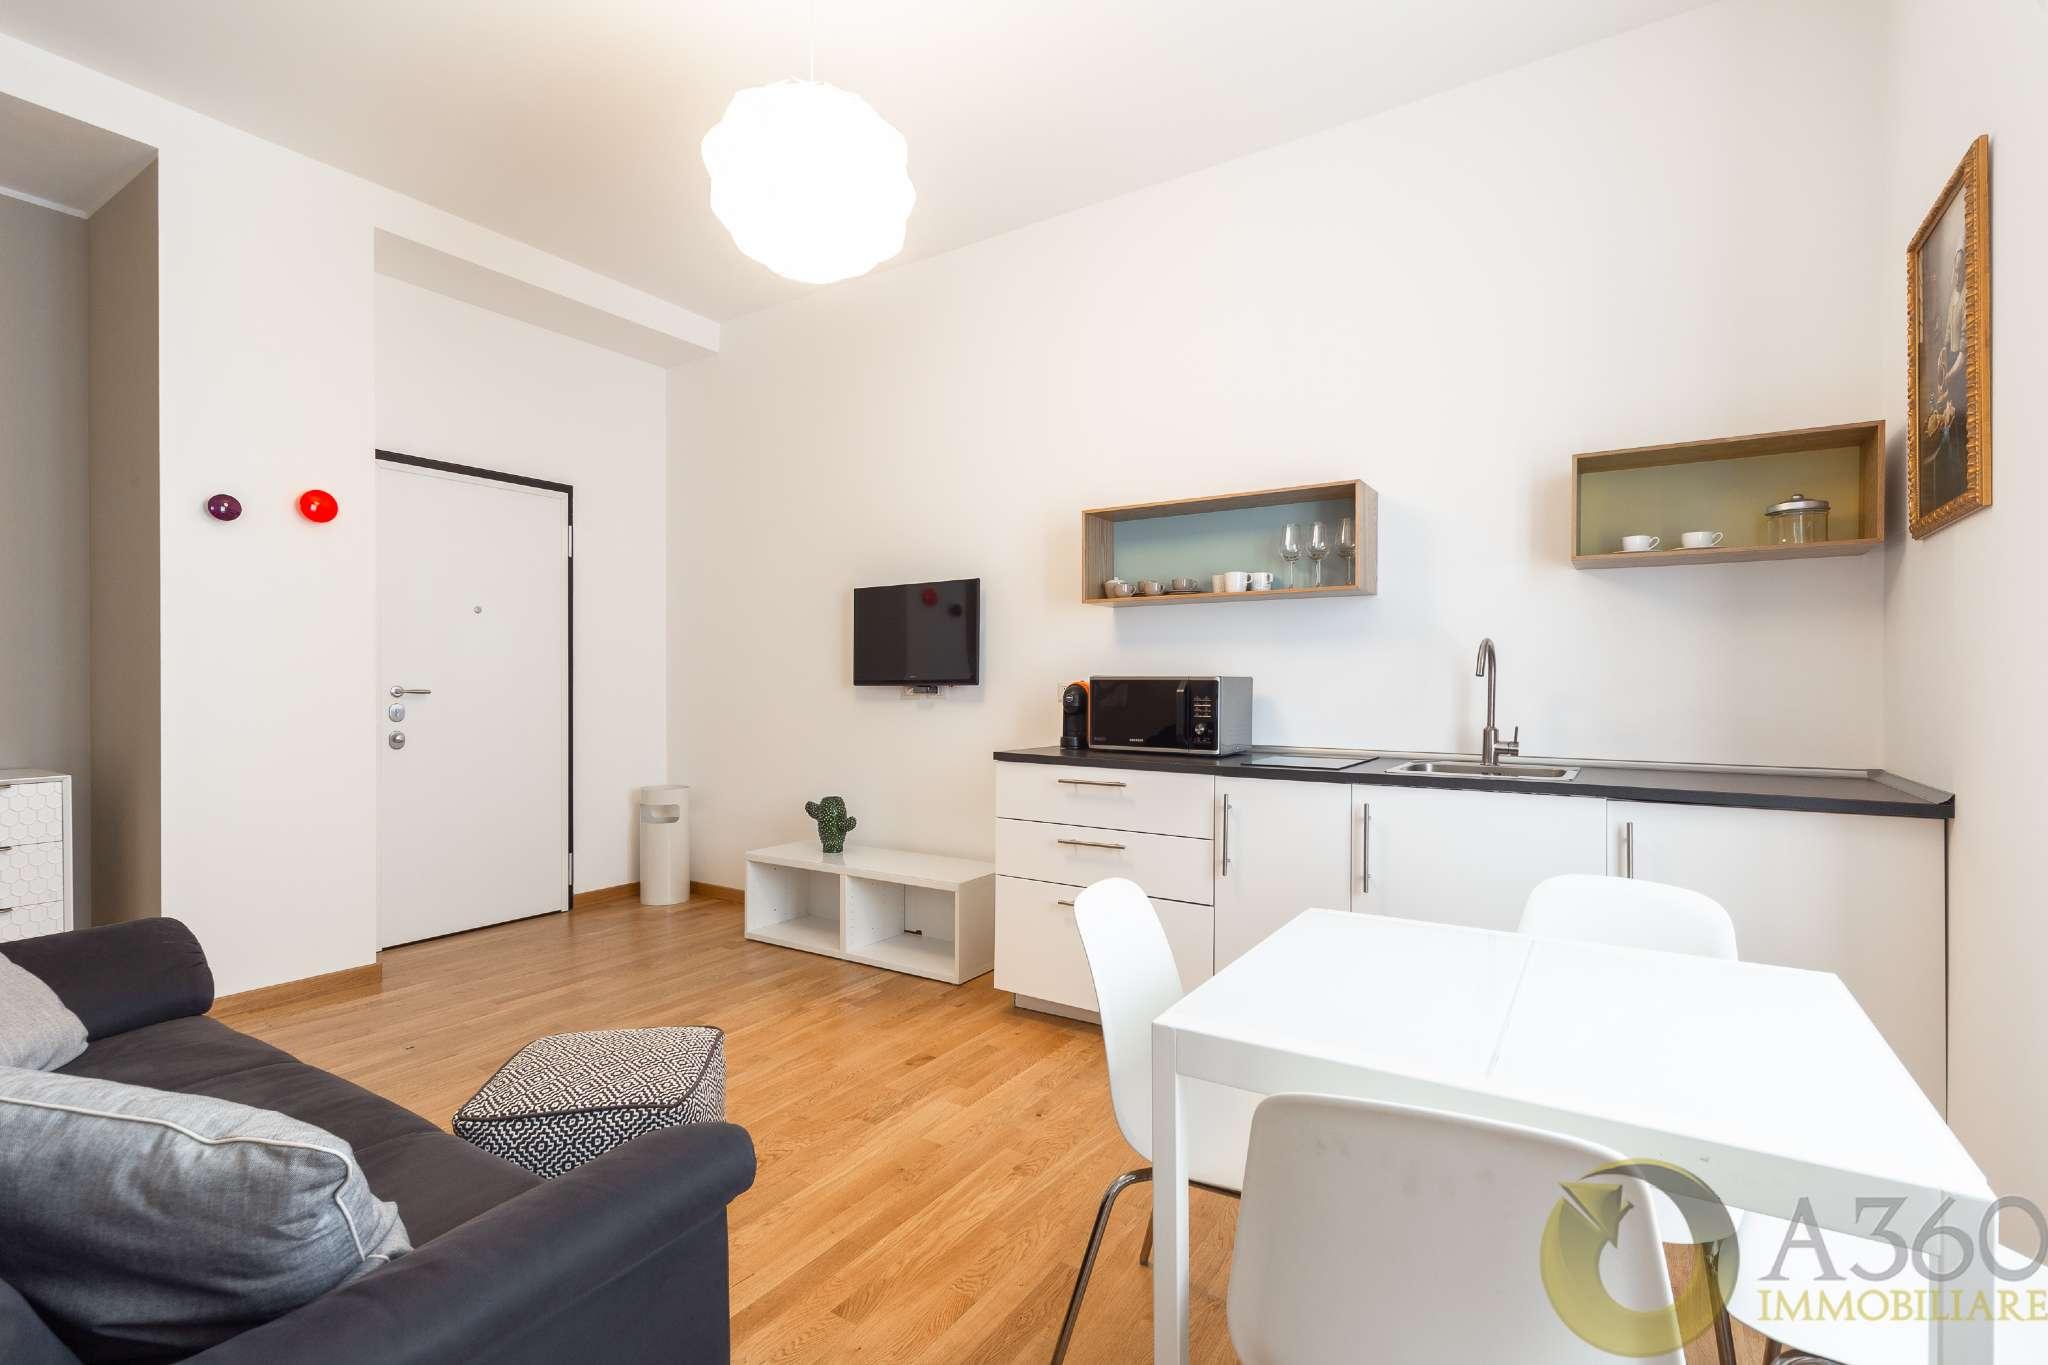 Appartamento in Affitto a Milano 02 Brera / Volta / Repubblica: 2 locali, 50 mq